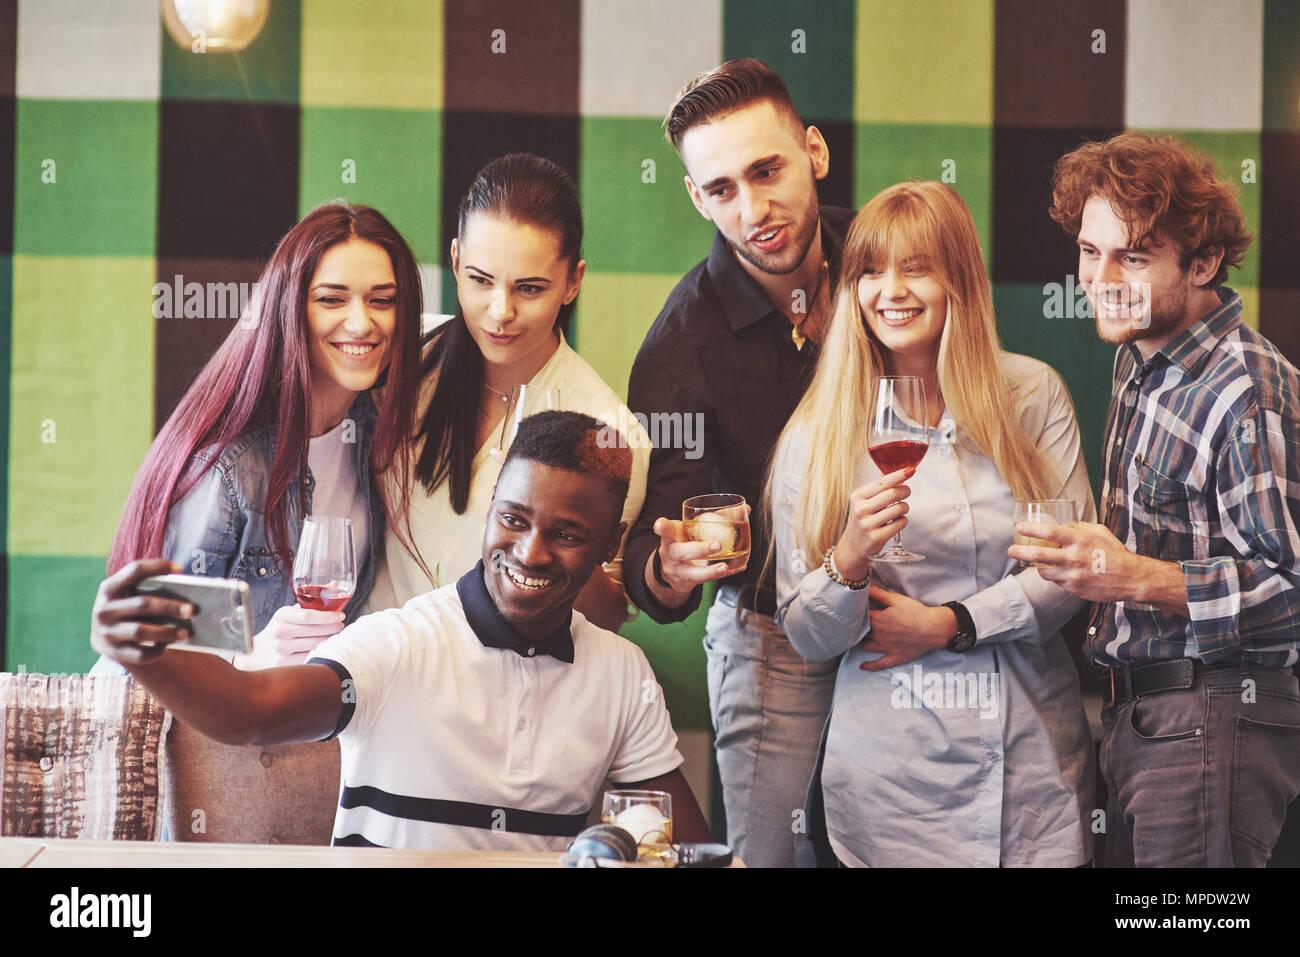 Amigos divirtiéndose en el restaurante.cuatro chicas y dos chicos haciendo selfie potable, hacer la paz firme y riendo. Mujer sosteniendo en primer plano en el teléfono inteligente. Vestir ropa casual Foto de stock